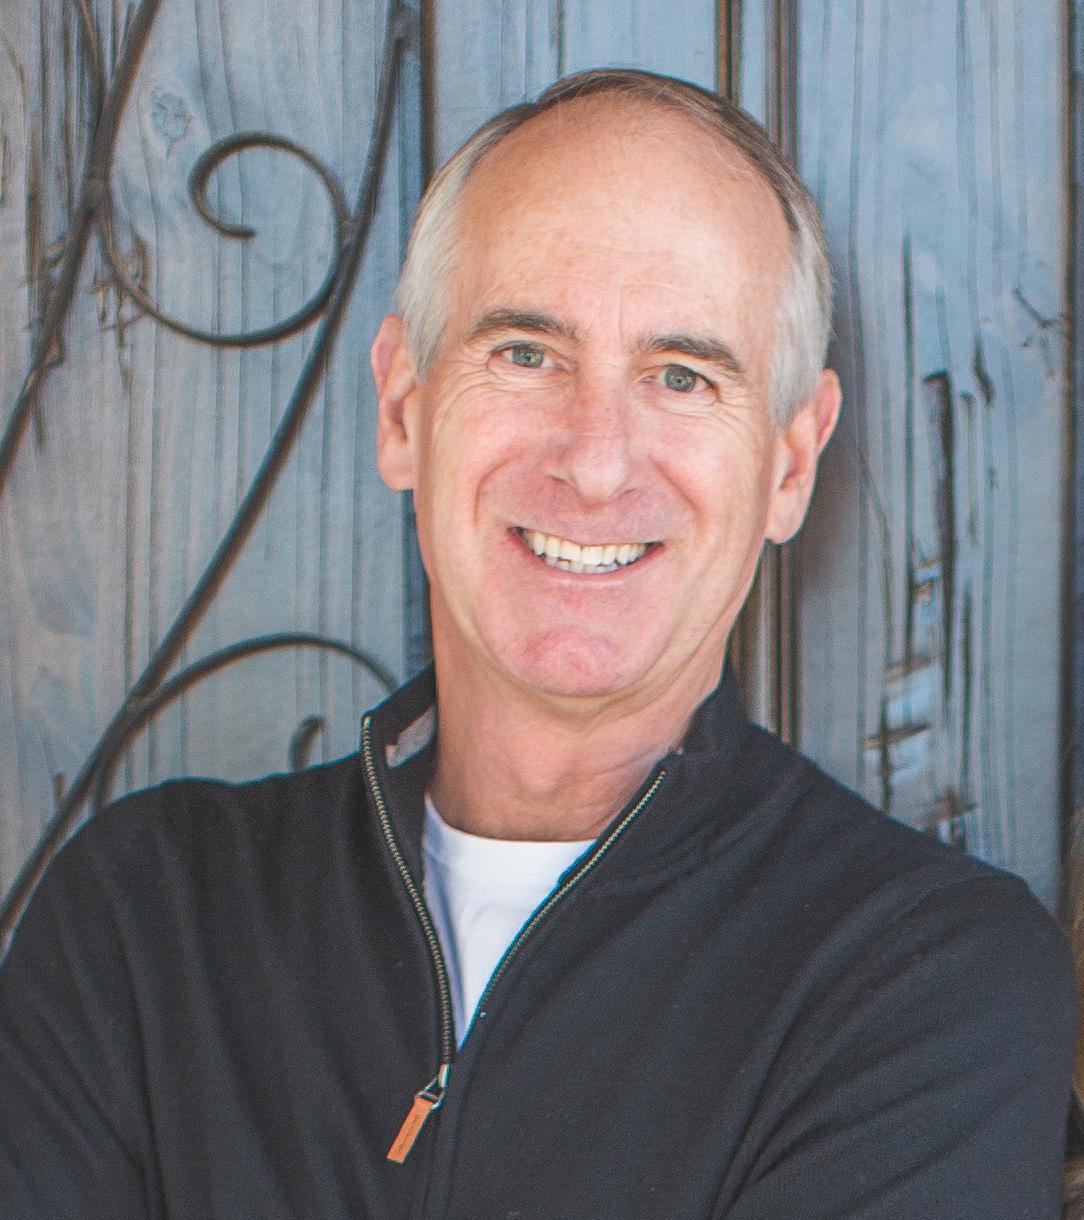 Meet Dr. John Van Epp, Ph.D.